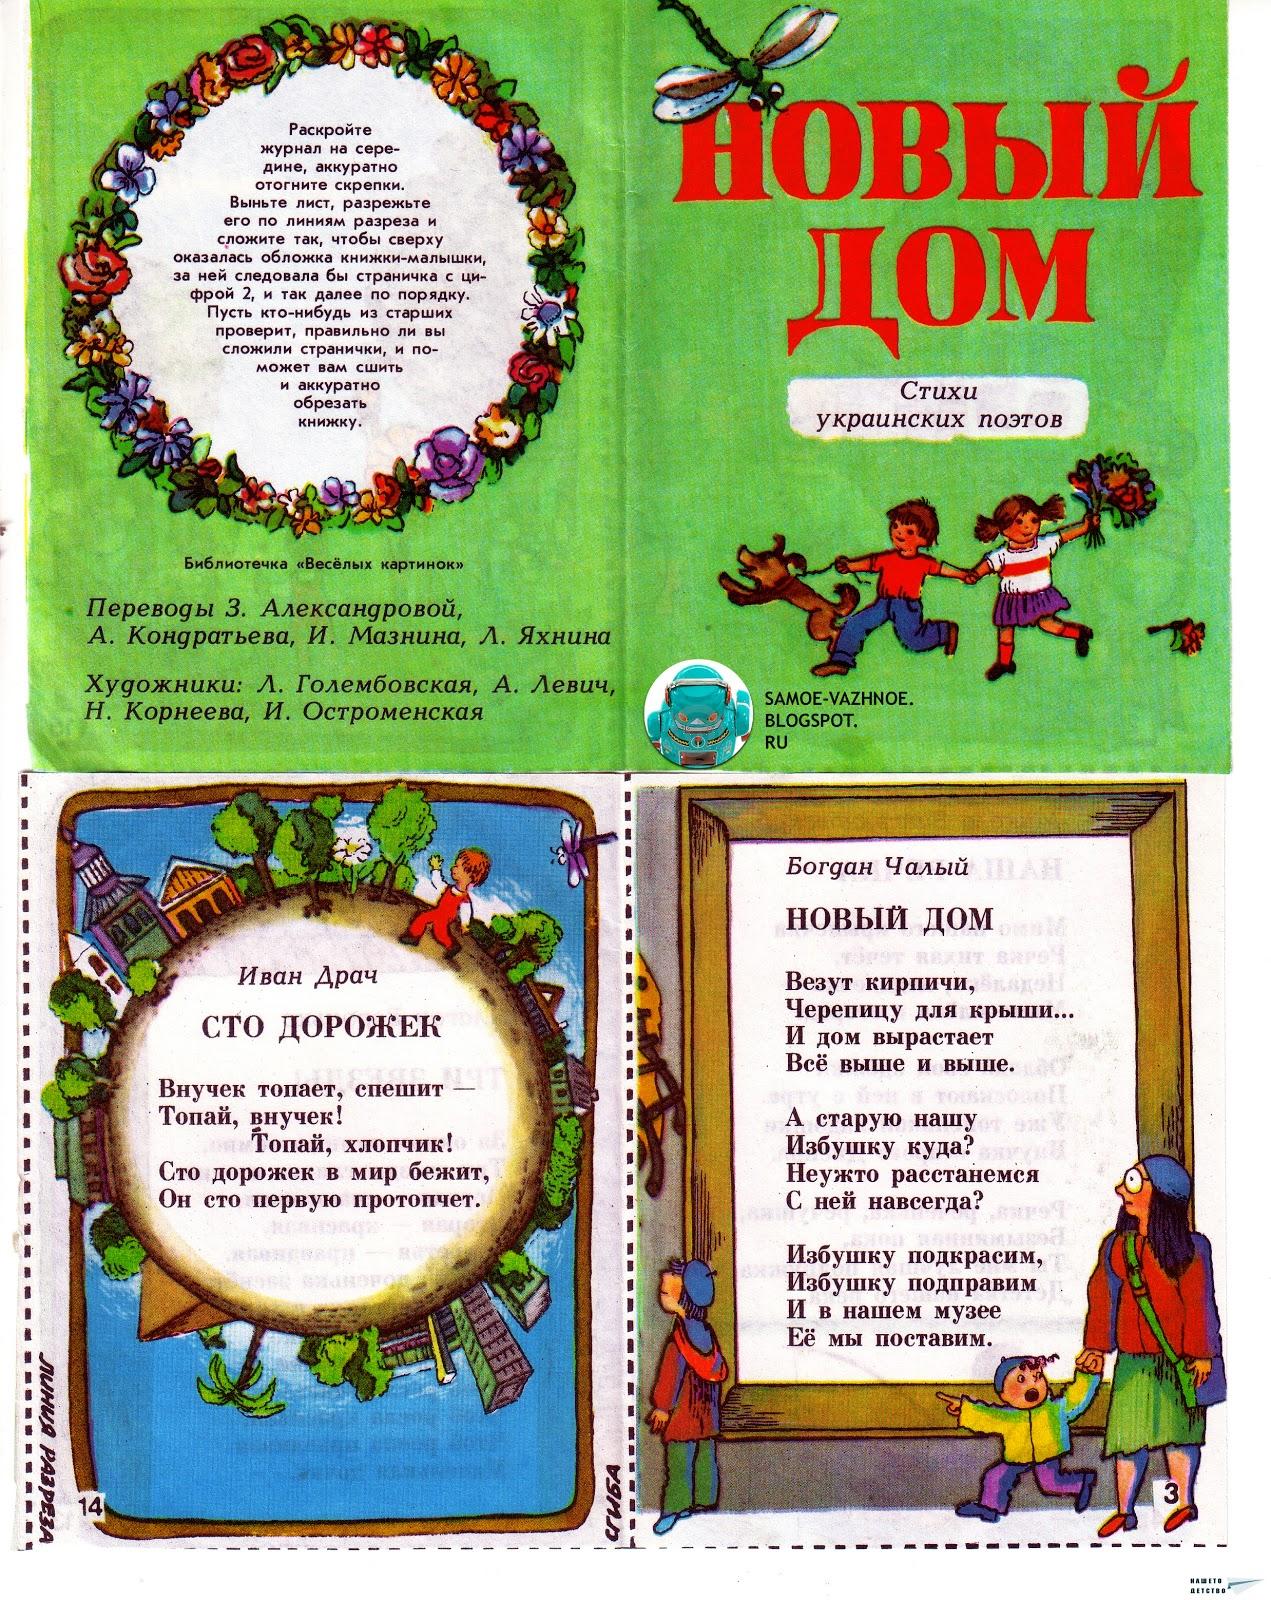 Маленькая книга СССР.